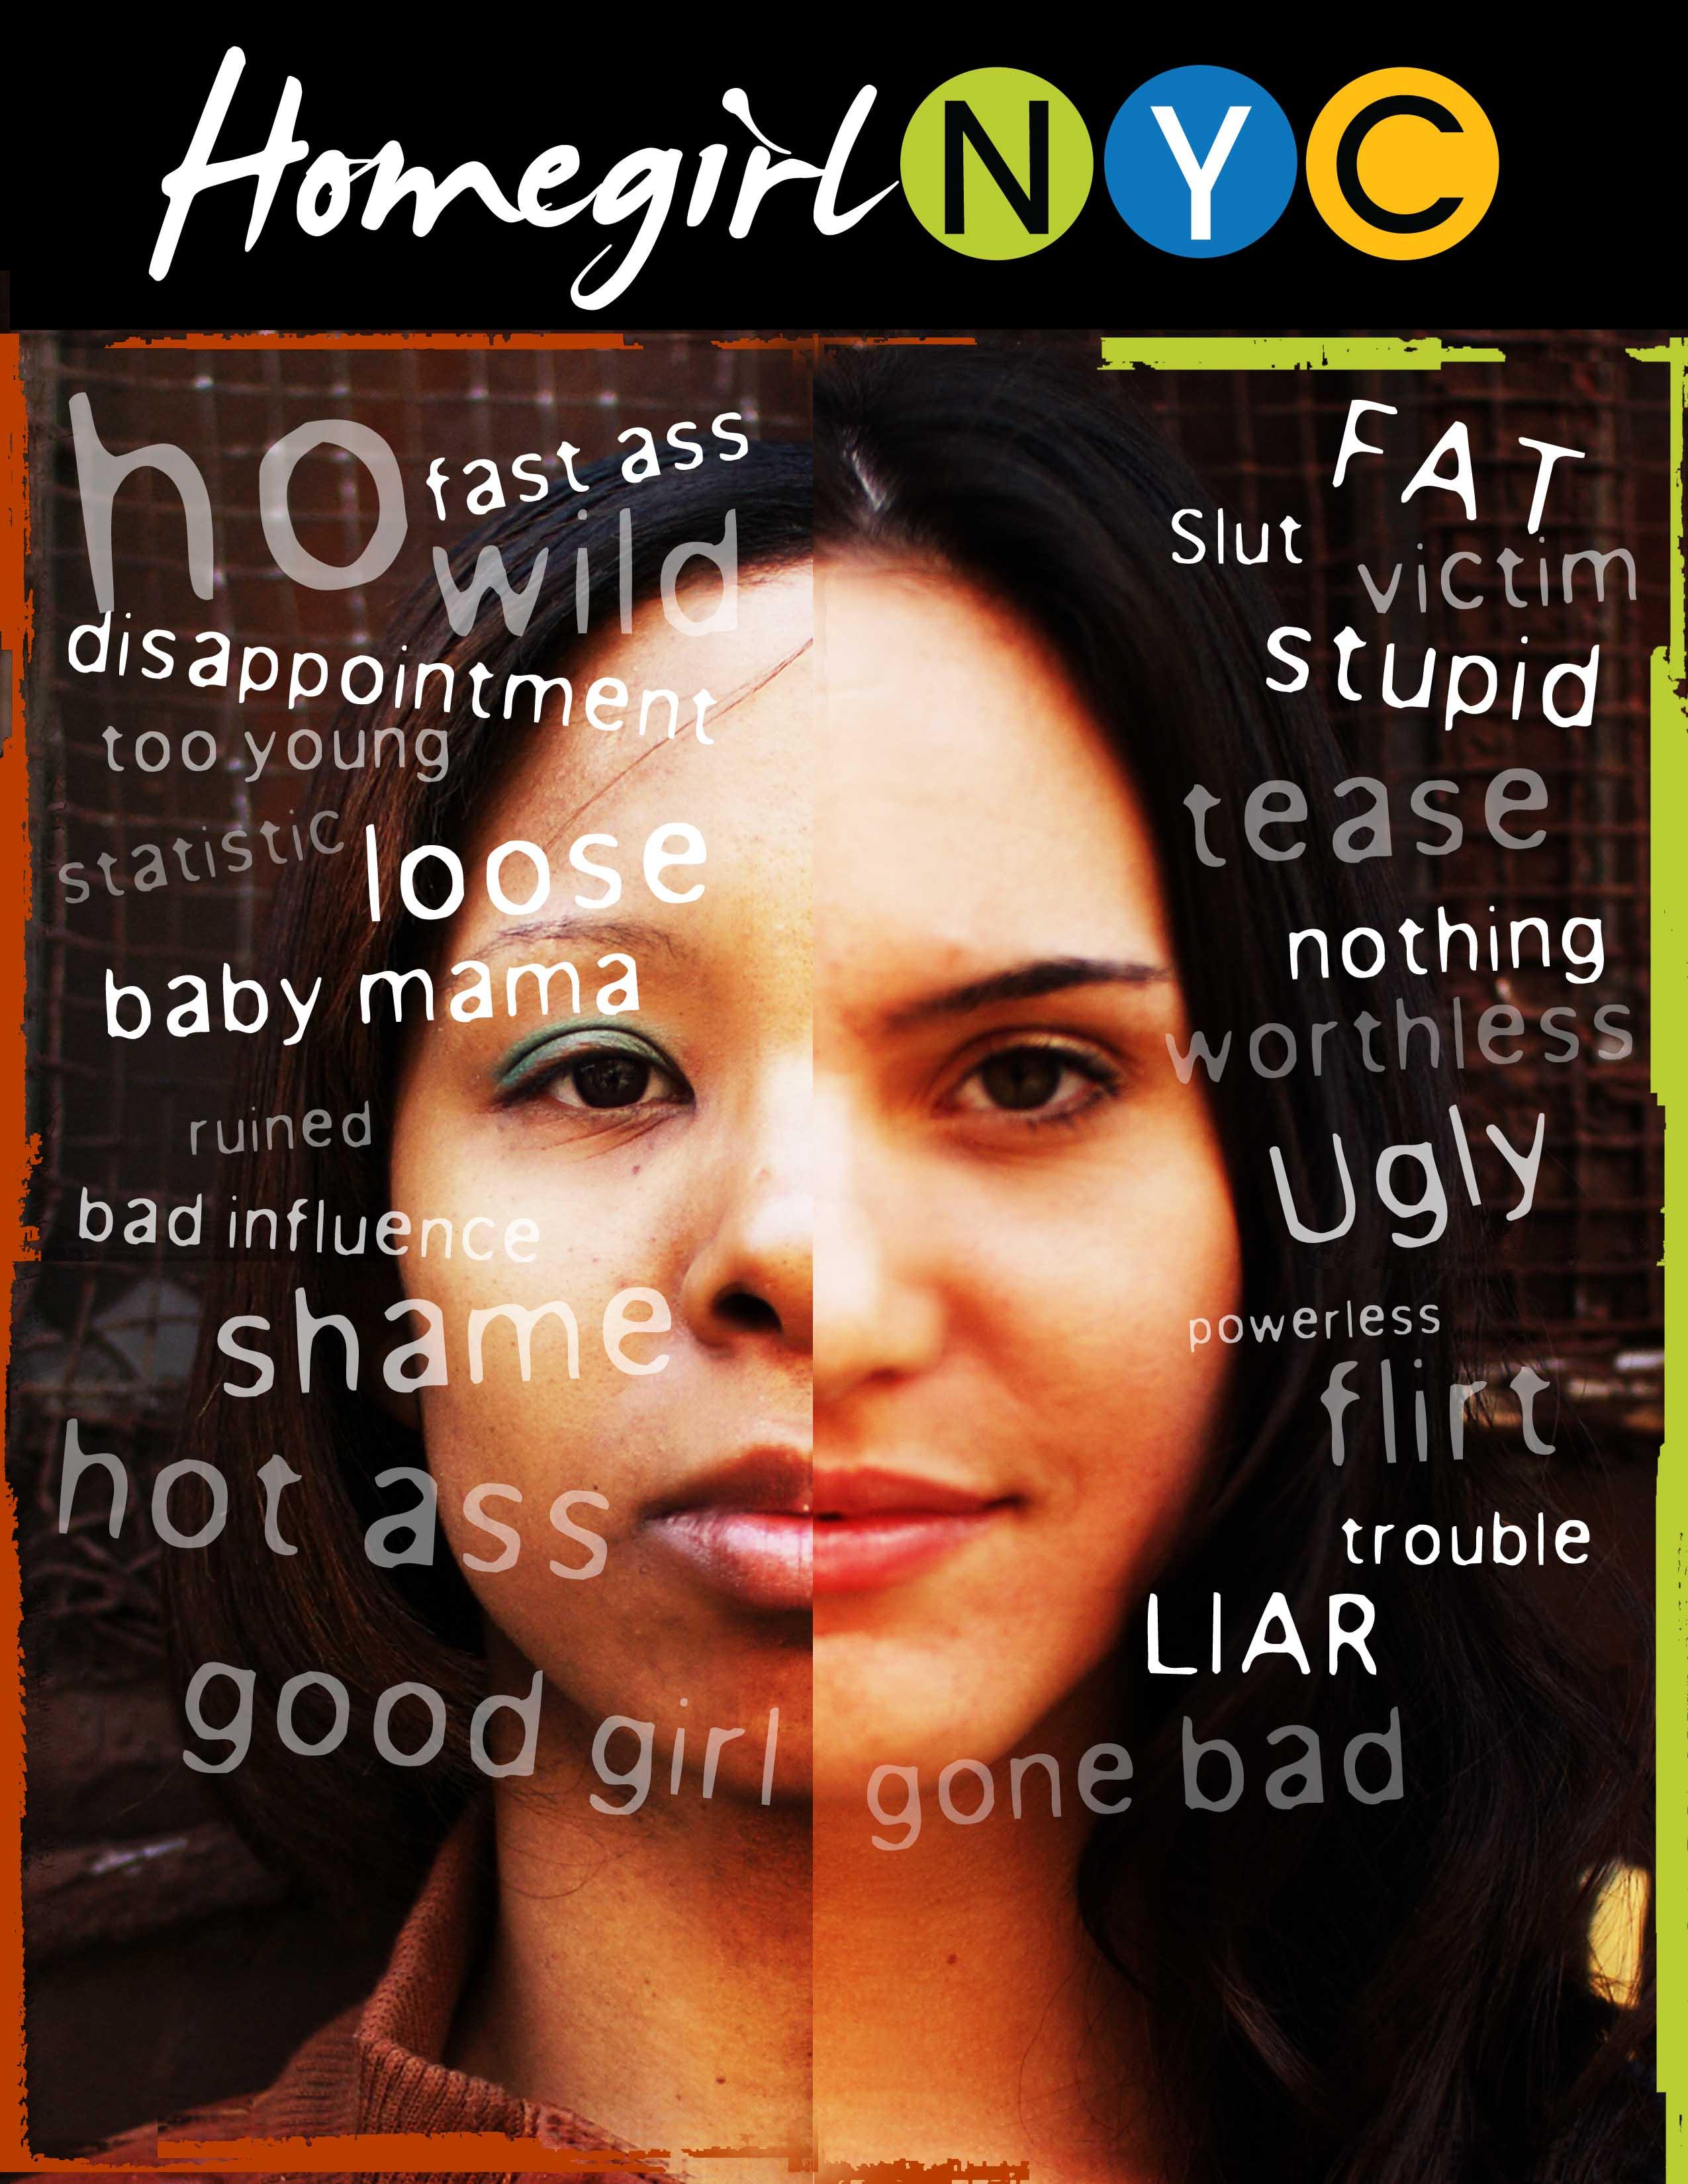 Ass face homegirl